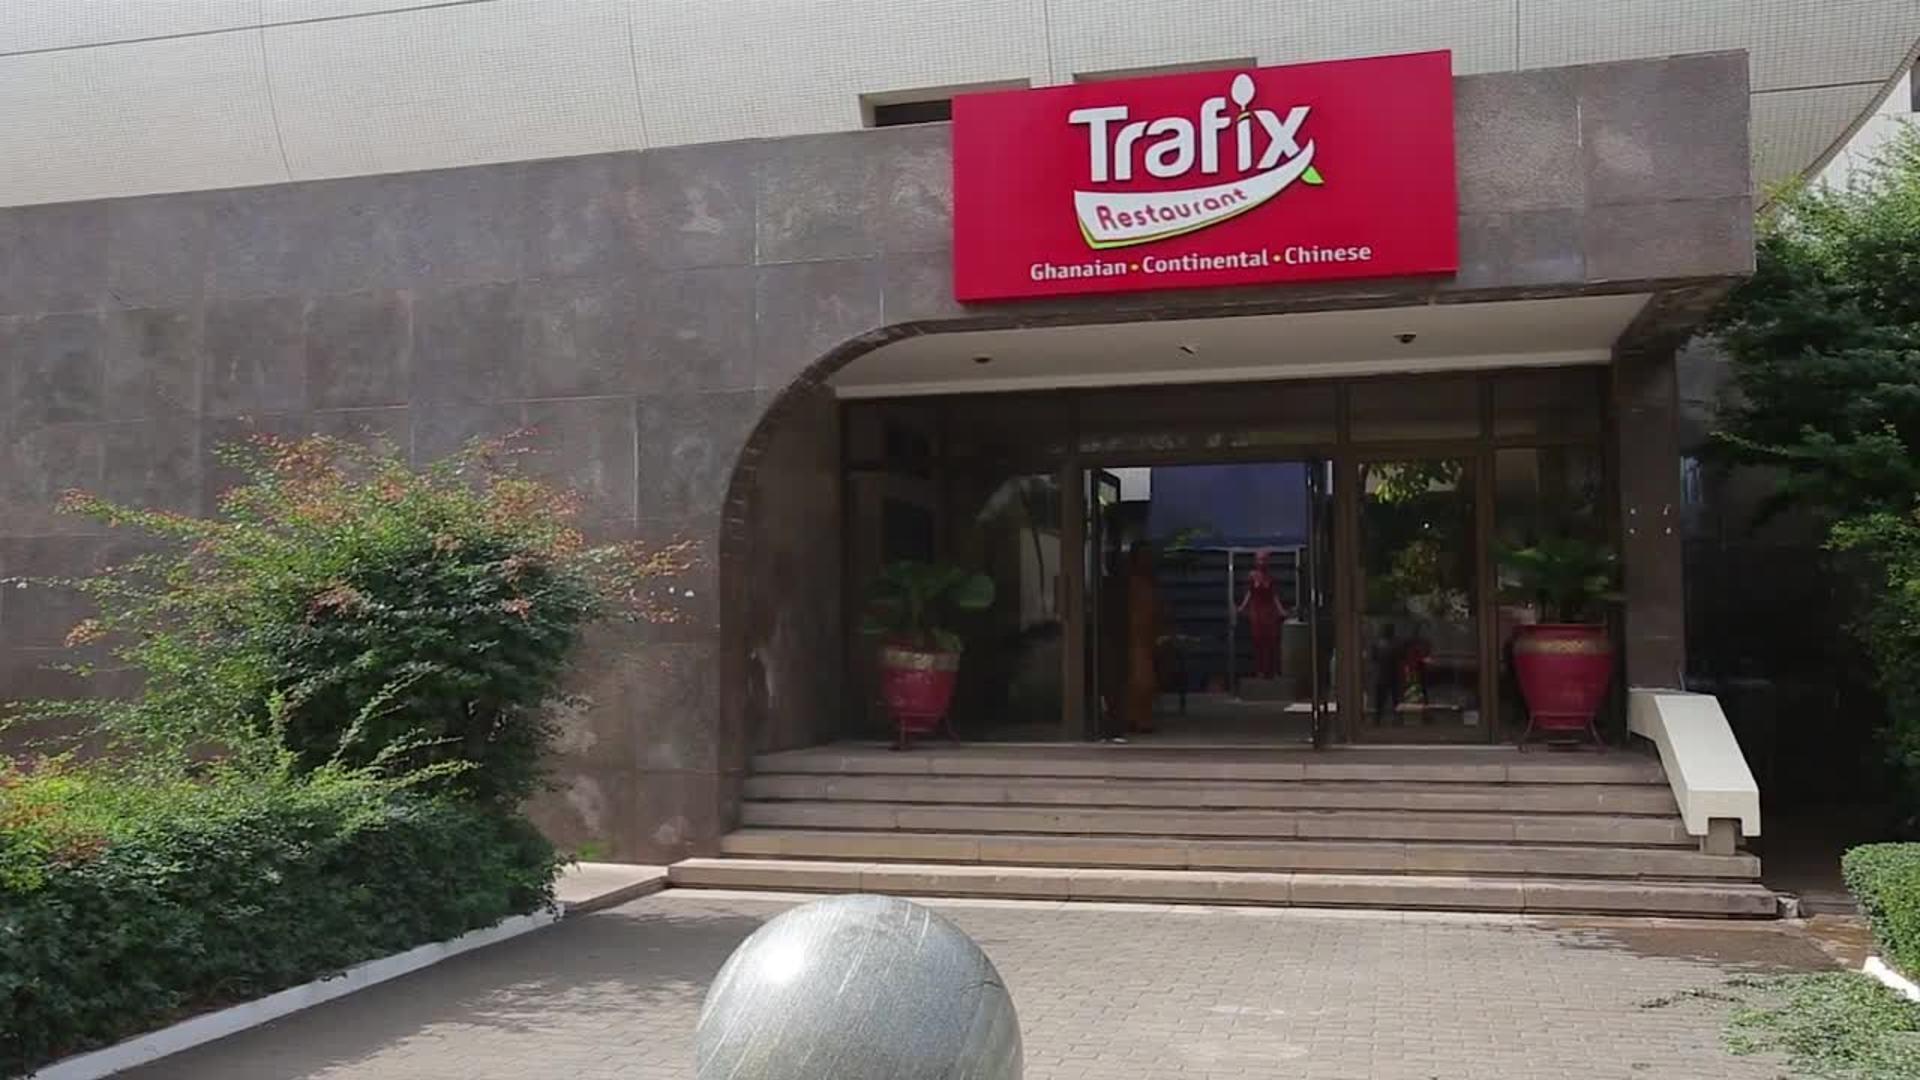 Trafix Restaurant